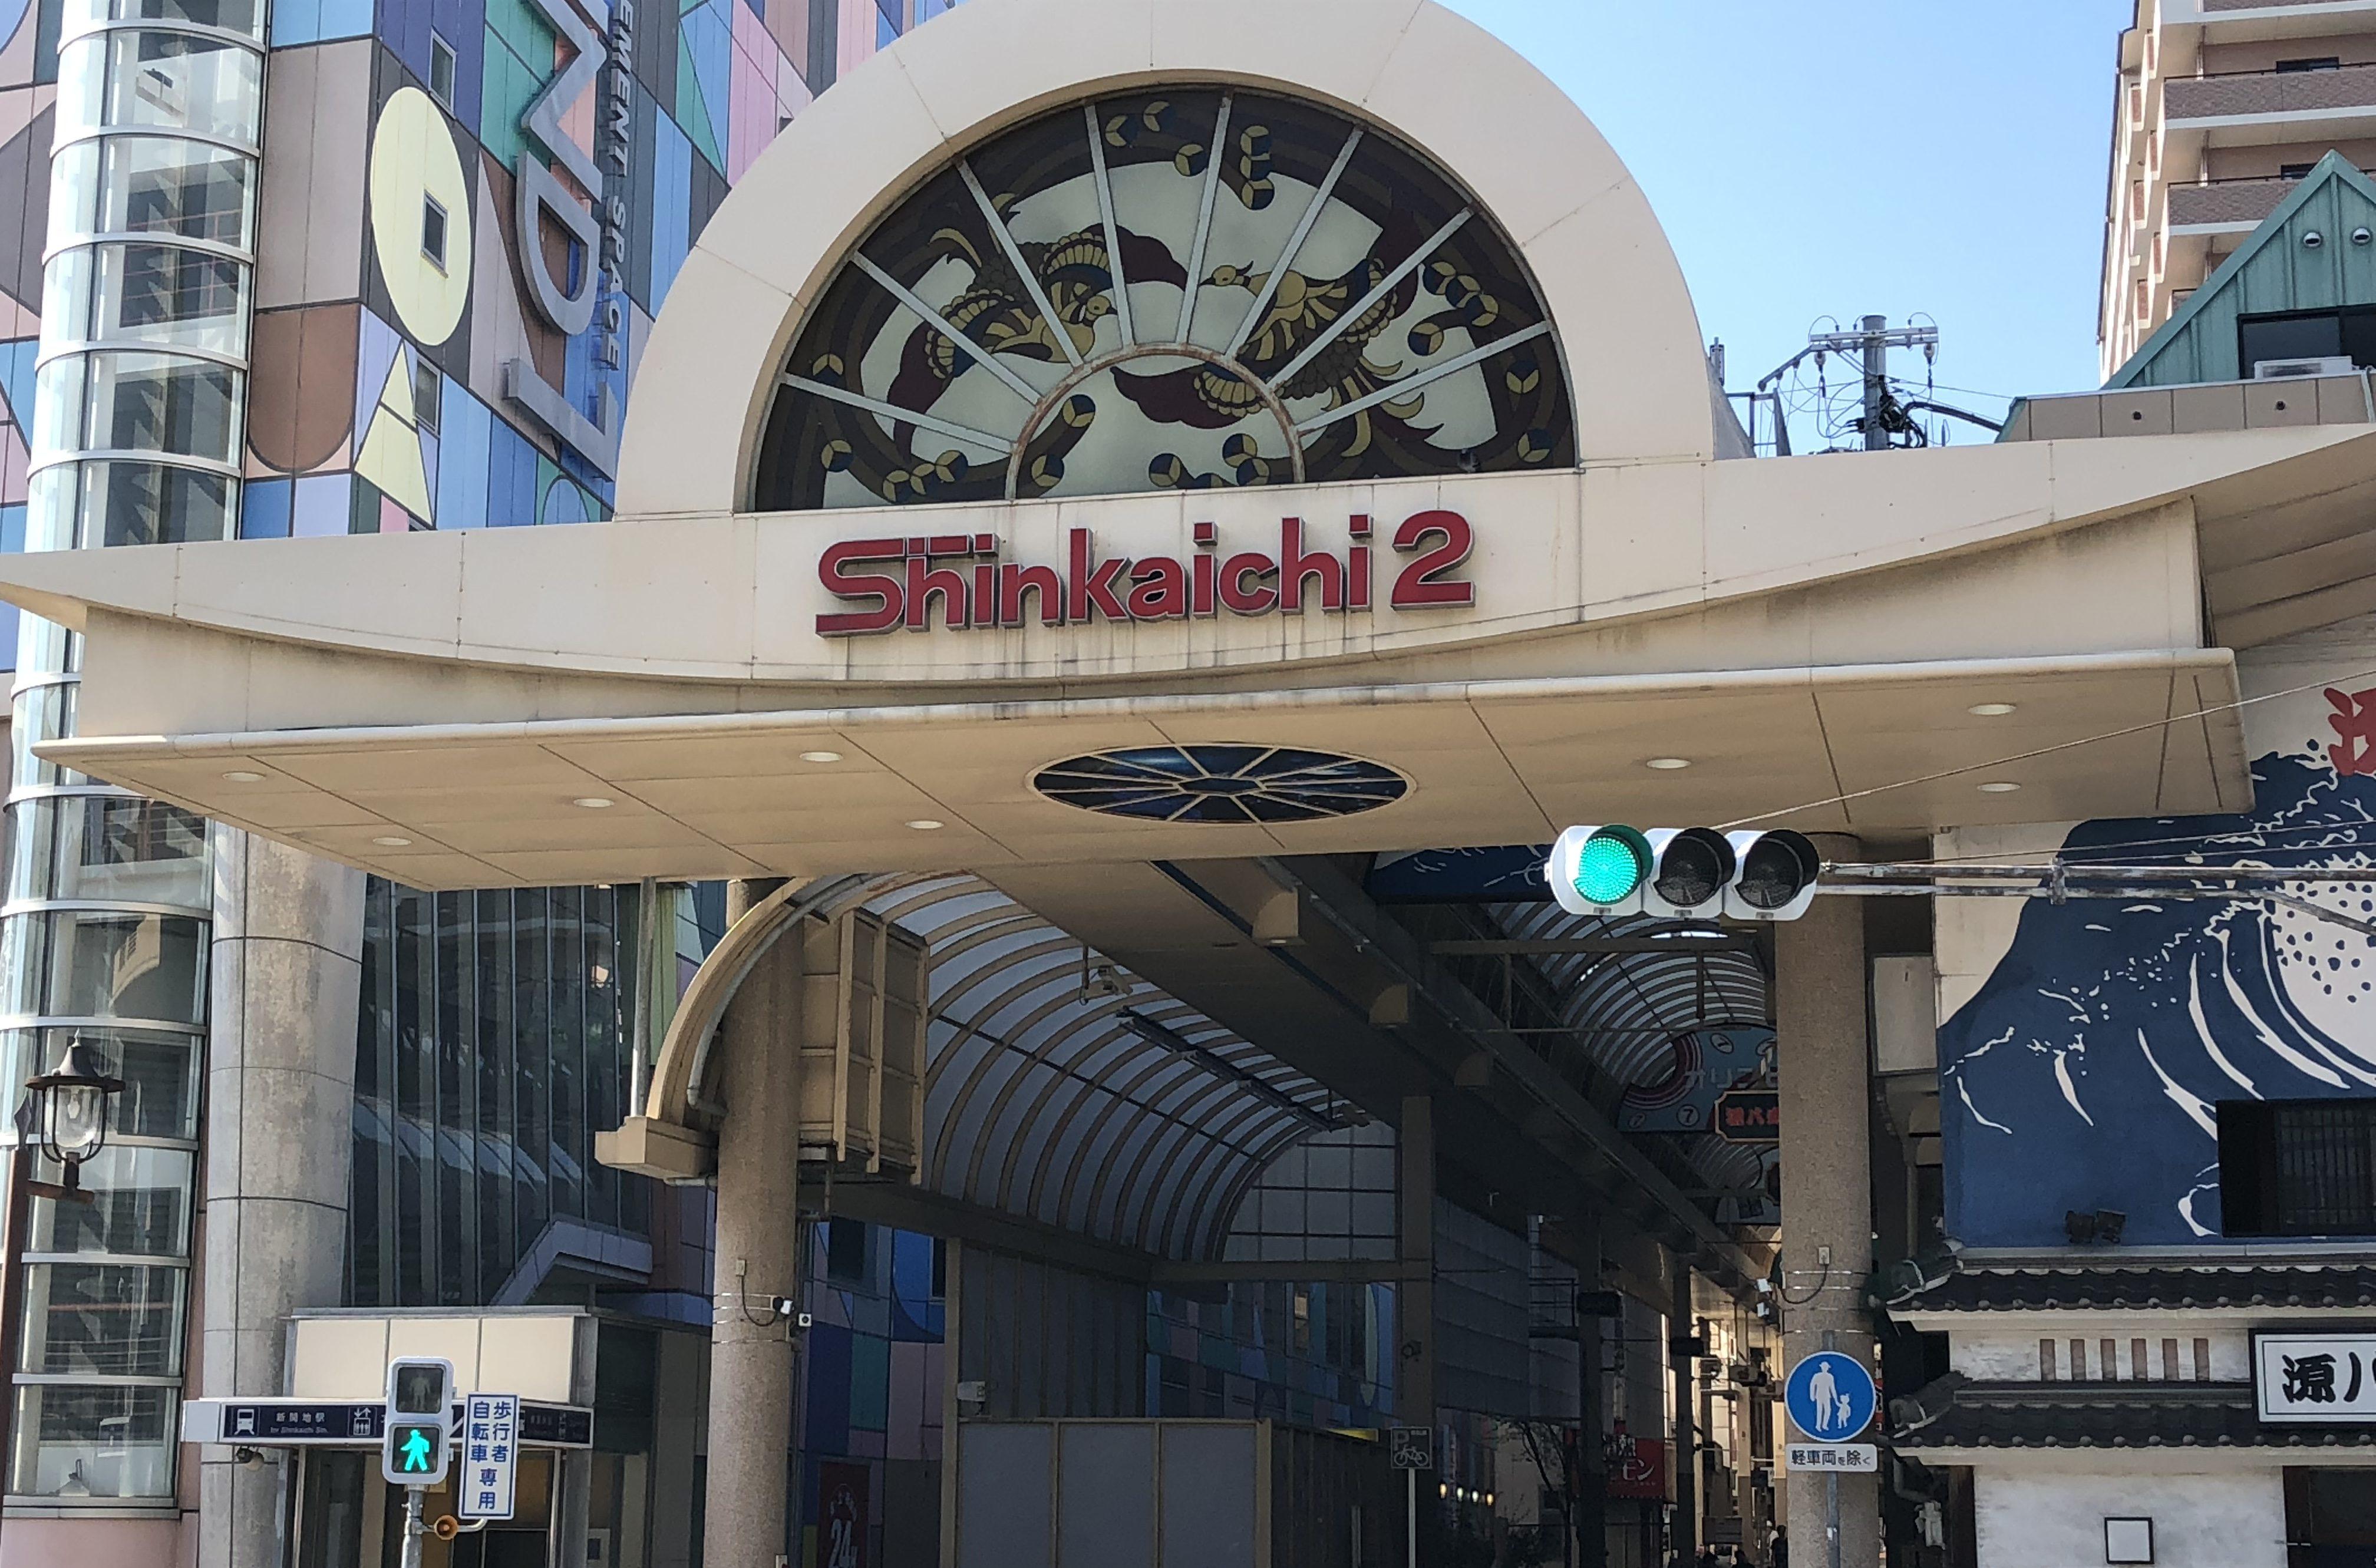 神戸・新開地商店街をぶらりと散策。建設中の「神戸新開地・喜楽館」も見てきたよ! #新開地商店街 #喜楽館